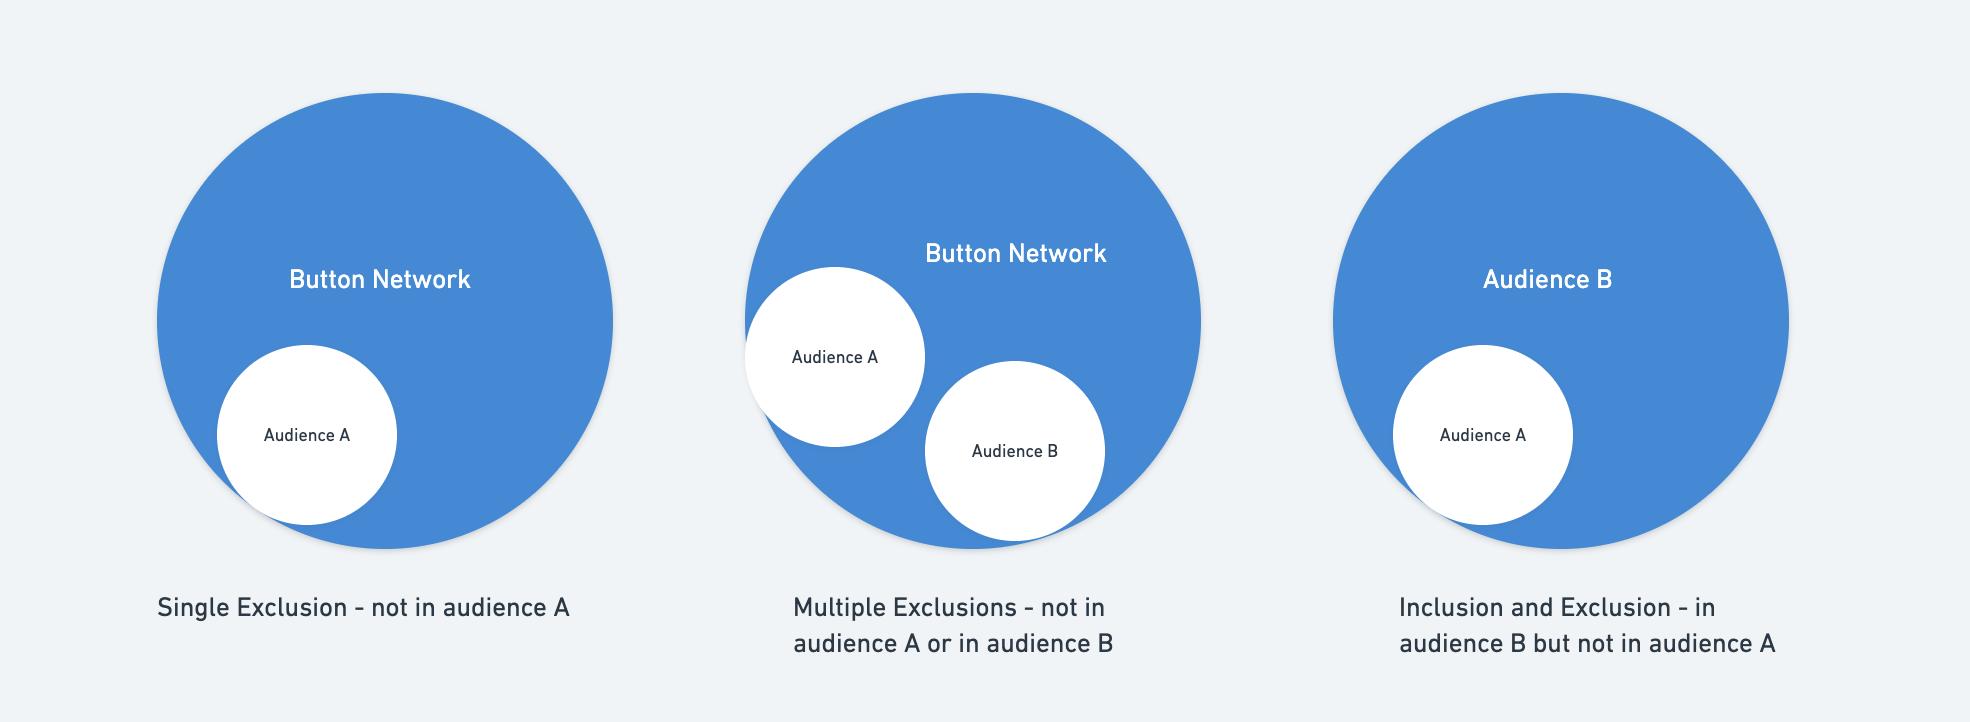 Audiences_3_Exclusion Targeting